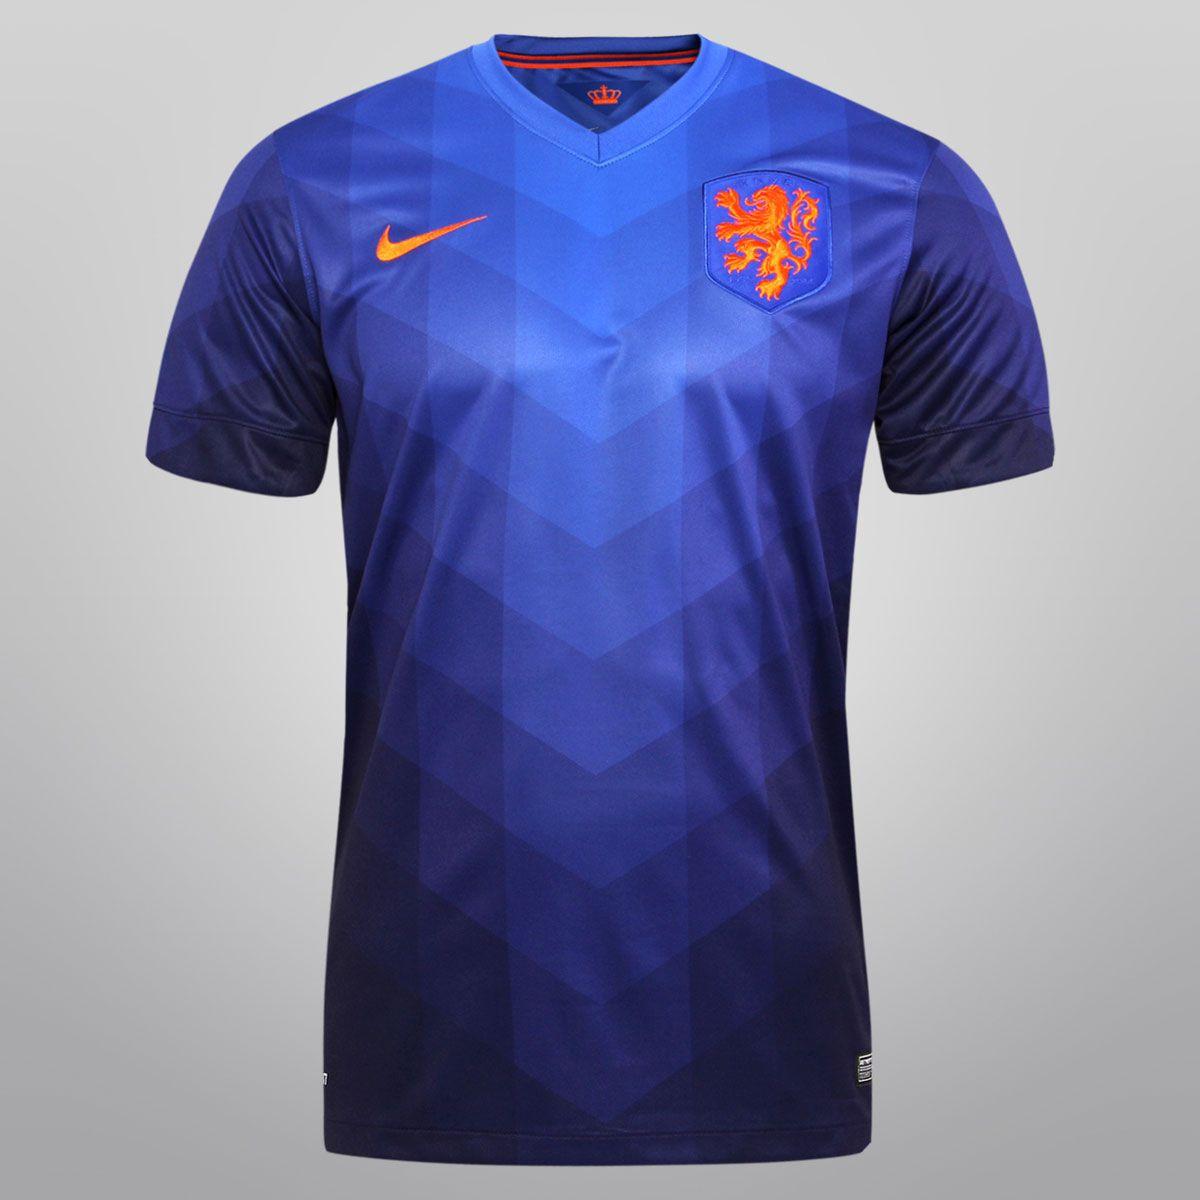 08a0ec3dcd Netshoes - Camisa Nike Seleção Holanda Away 2014 s nº - Torcedor ...